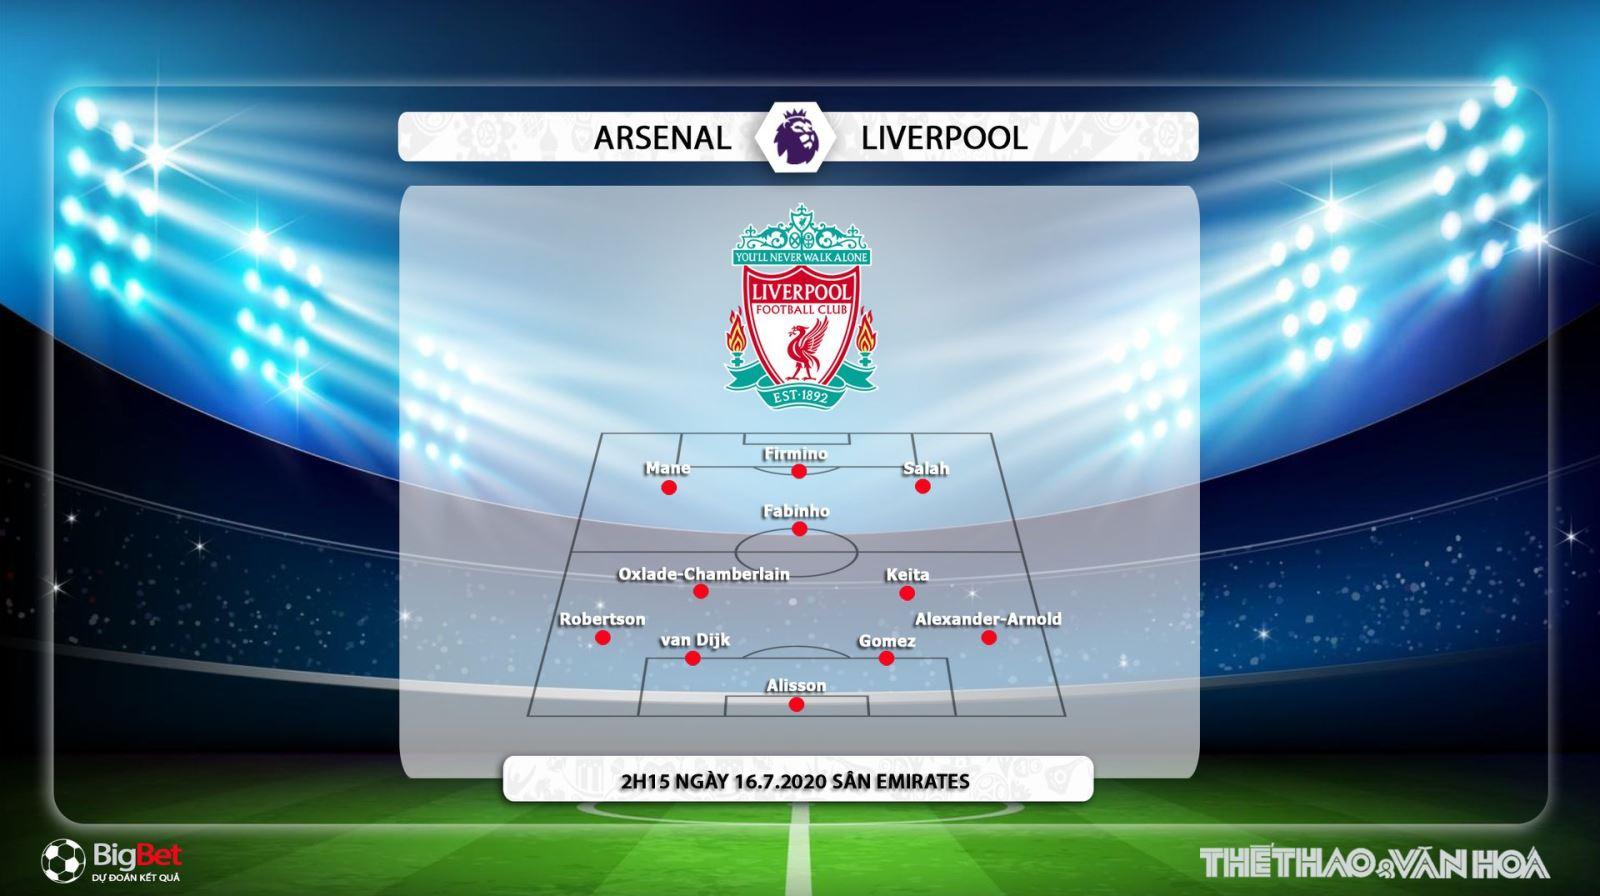 Arsenal vs Liverpool, Arsenal, Liverpool, soi kèo, kèo bóng đá, trực tiếp bóng đá, bóng đá hôm nay, nhận định, dự đoán